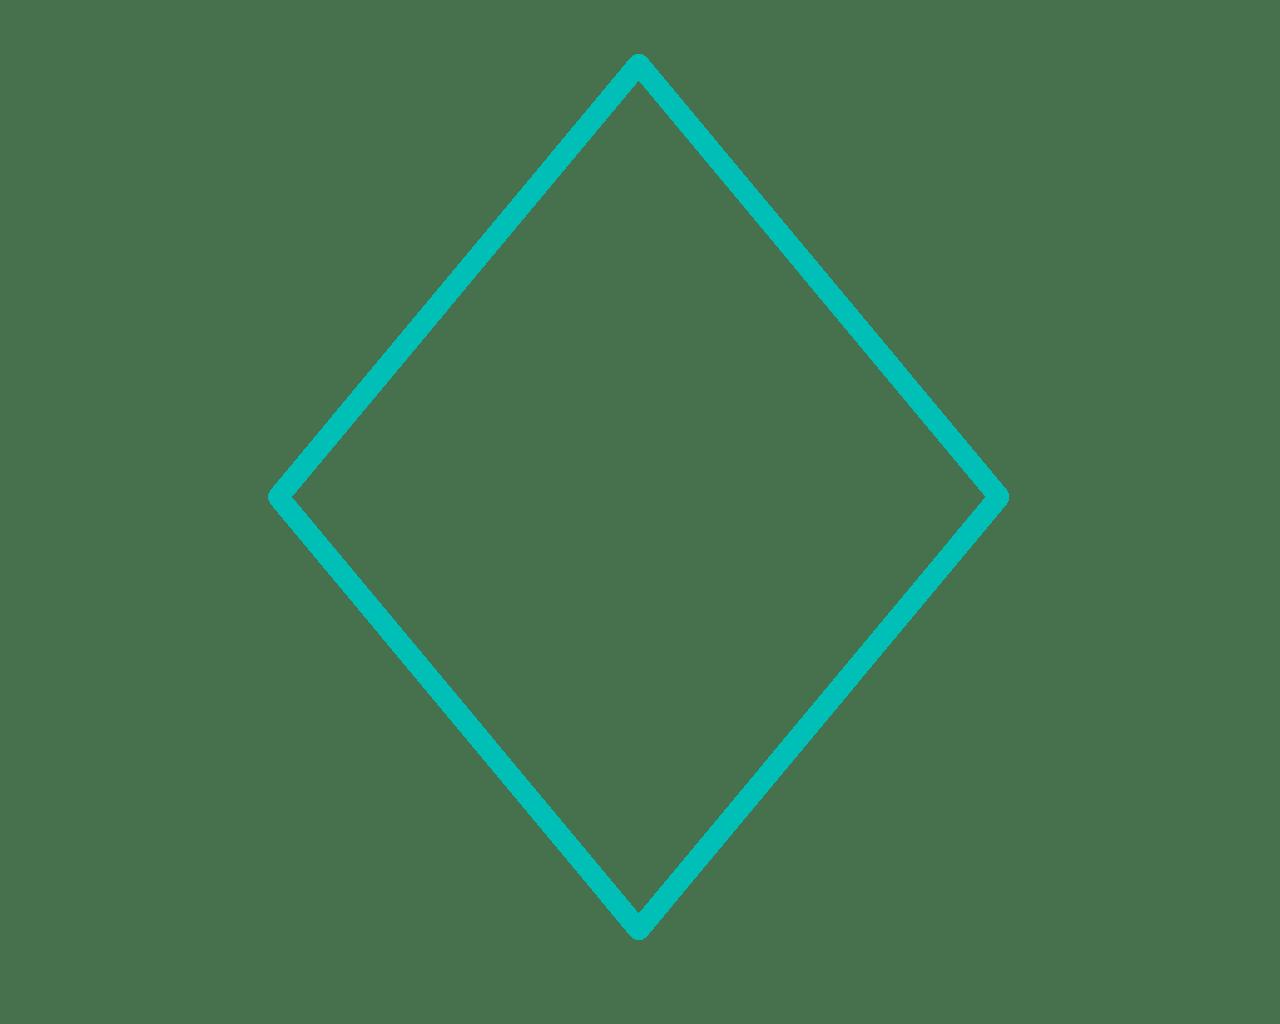 Frame Cadre Losange Formegeometrique Bleu Turquoise Dub